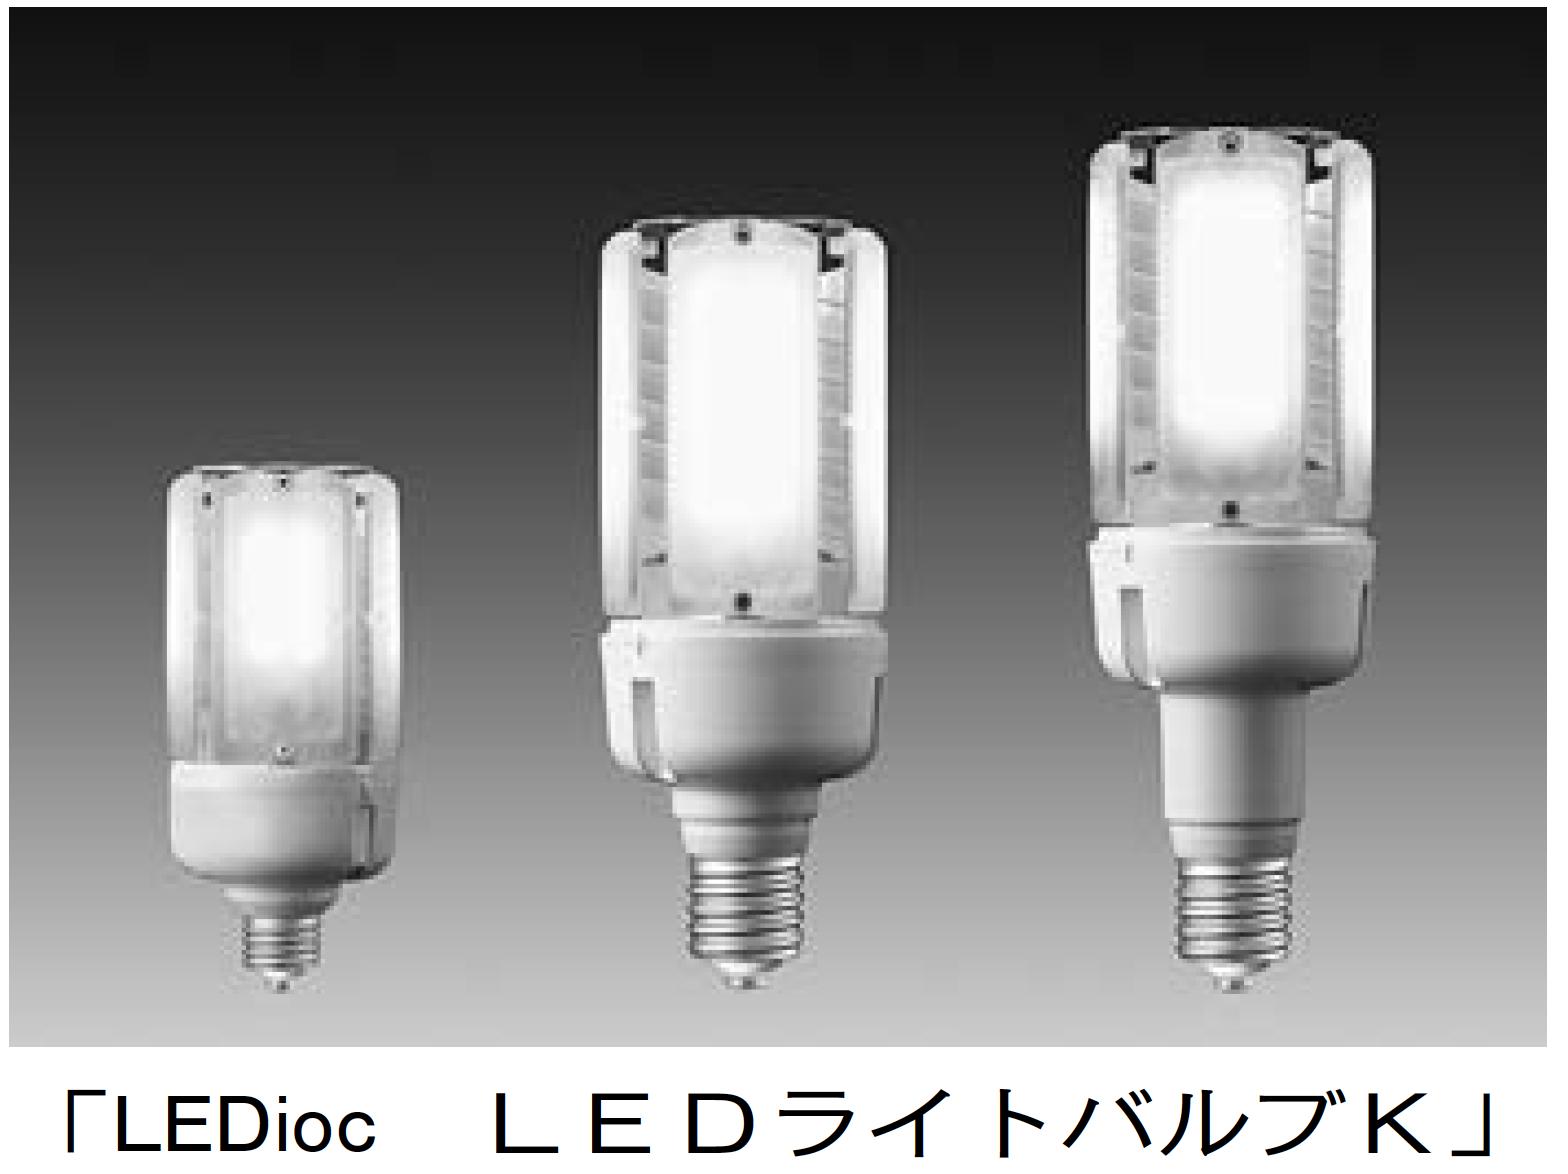 【岩崎電気】ラインアップを拡充 「LEDioc LED ライトバルブK」の画像